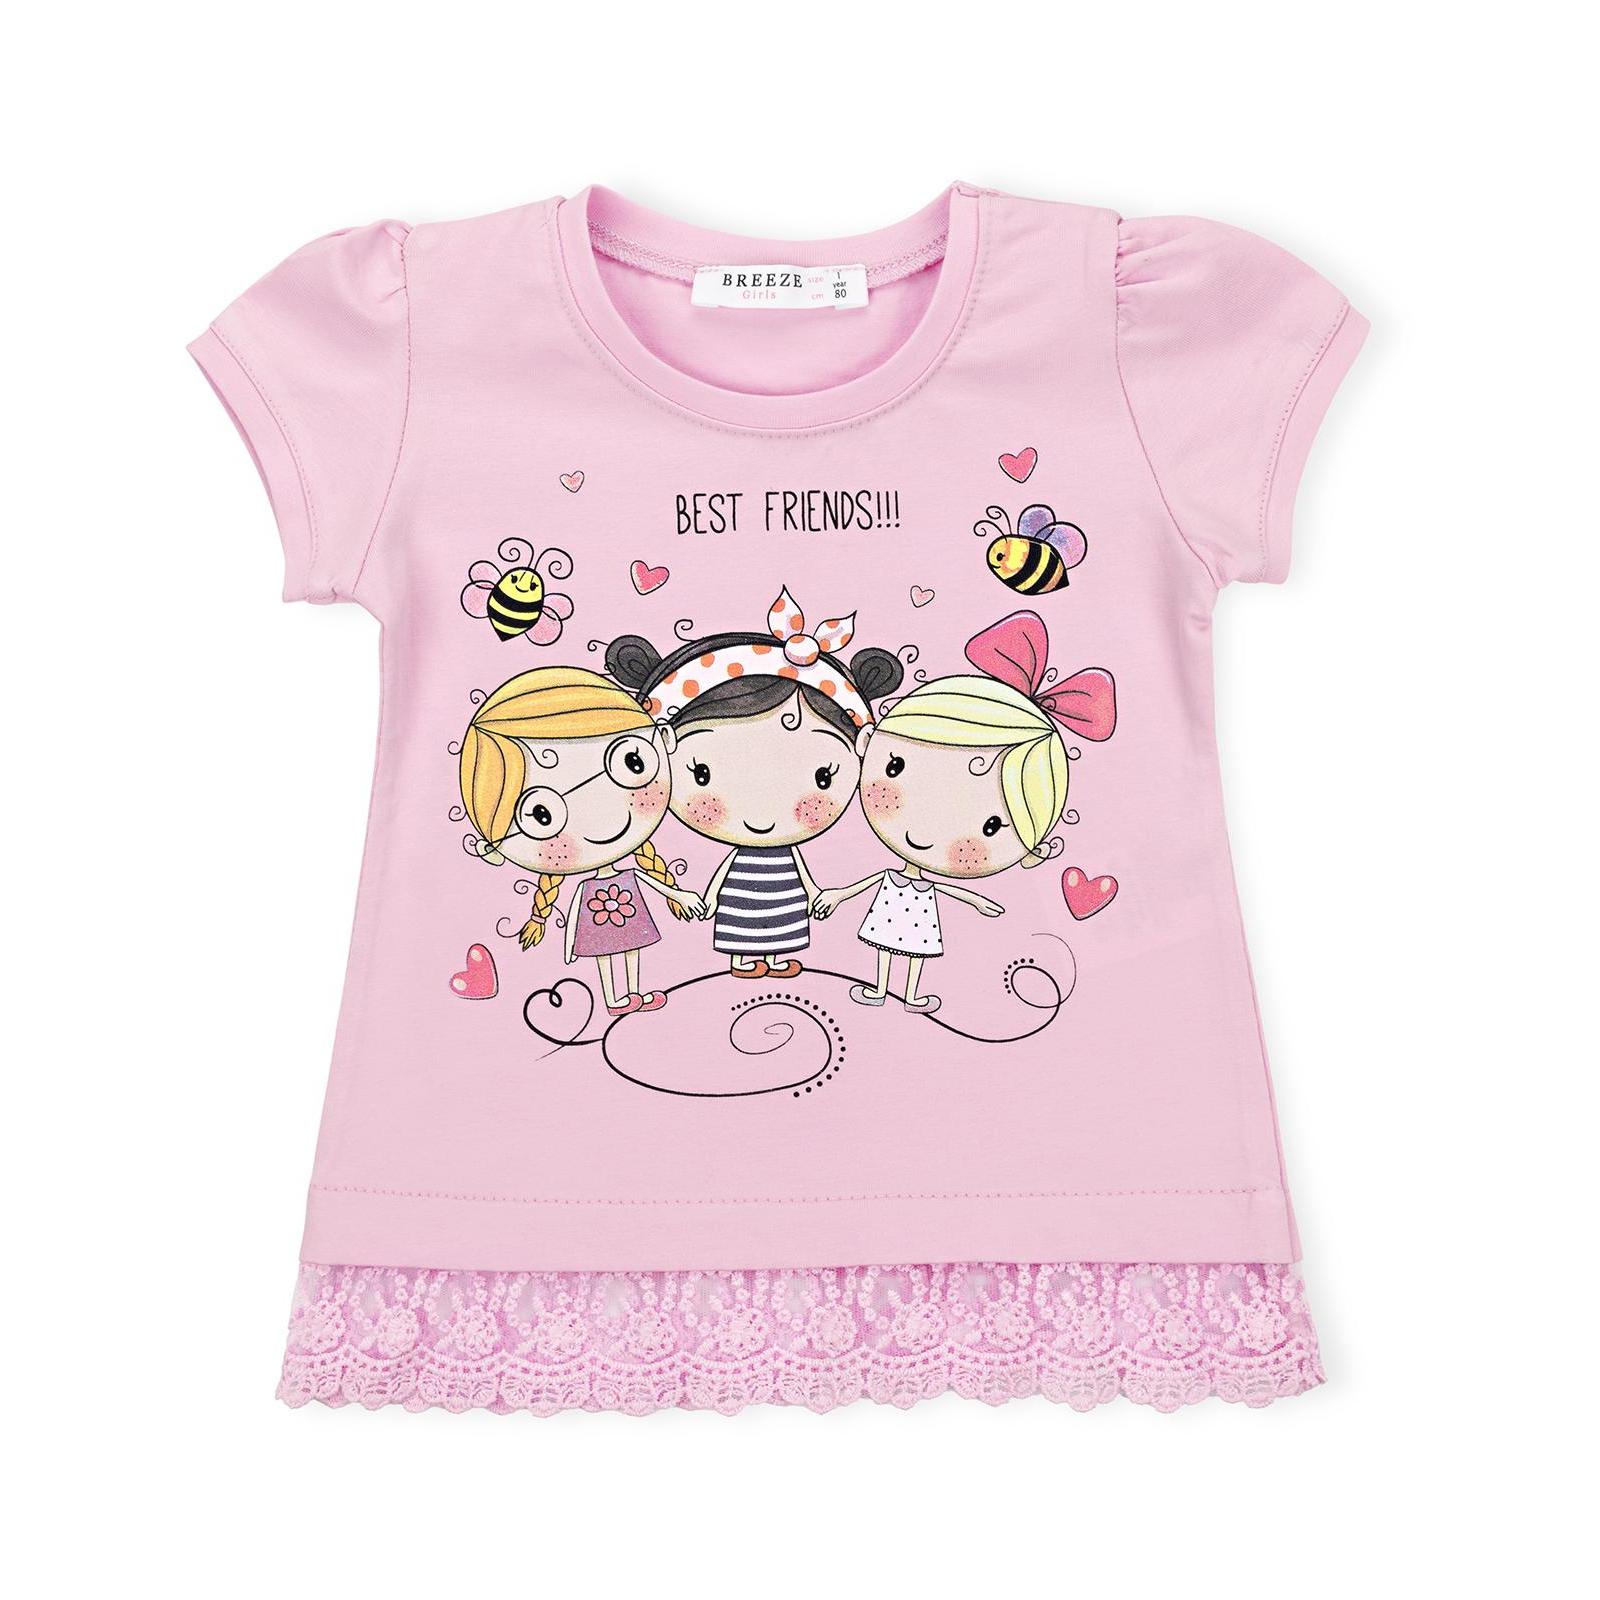 """Футболка детская Breeze """"BEST FRENDS"""" (11043-92G-pink)"""